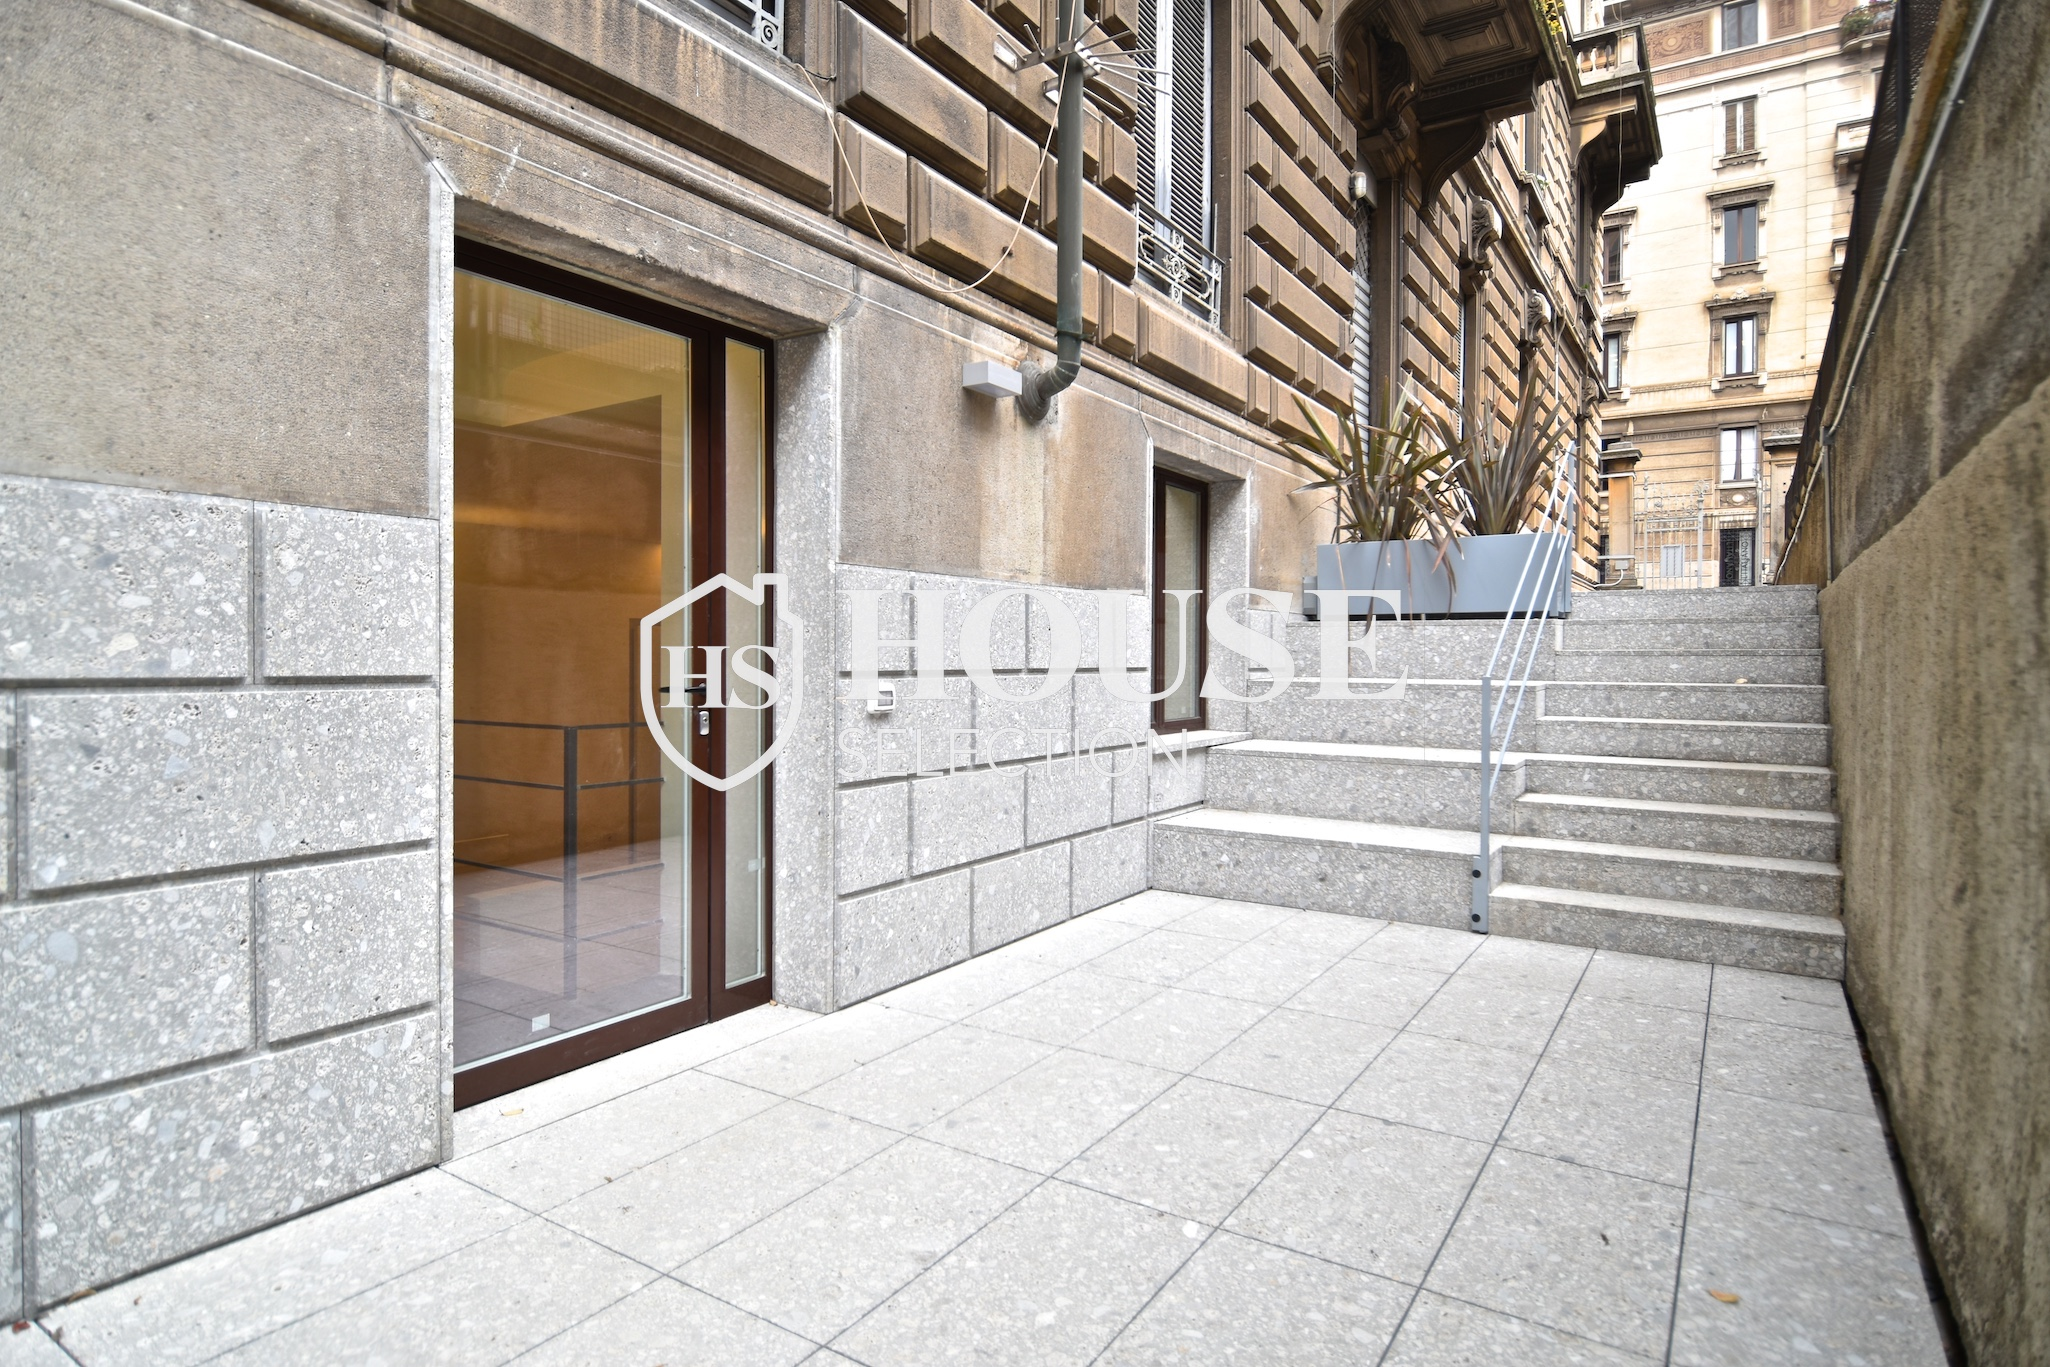 Vendita bilocale piazza Cincinnato, nuova realizzazione, seminterrato, con giardino privato, posto moto, ristrutturato, centro Milano 31